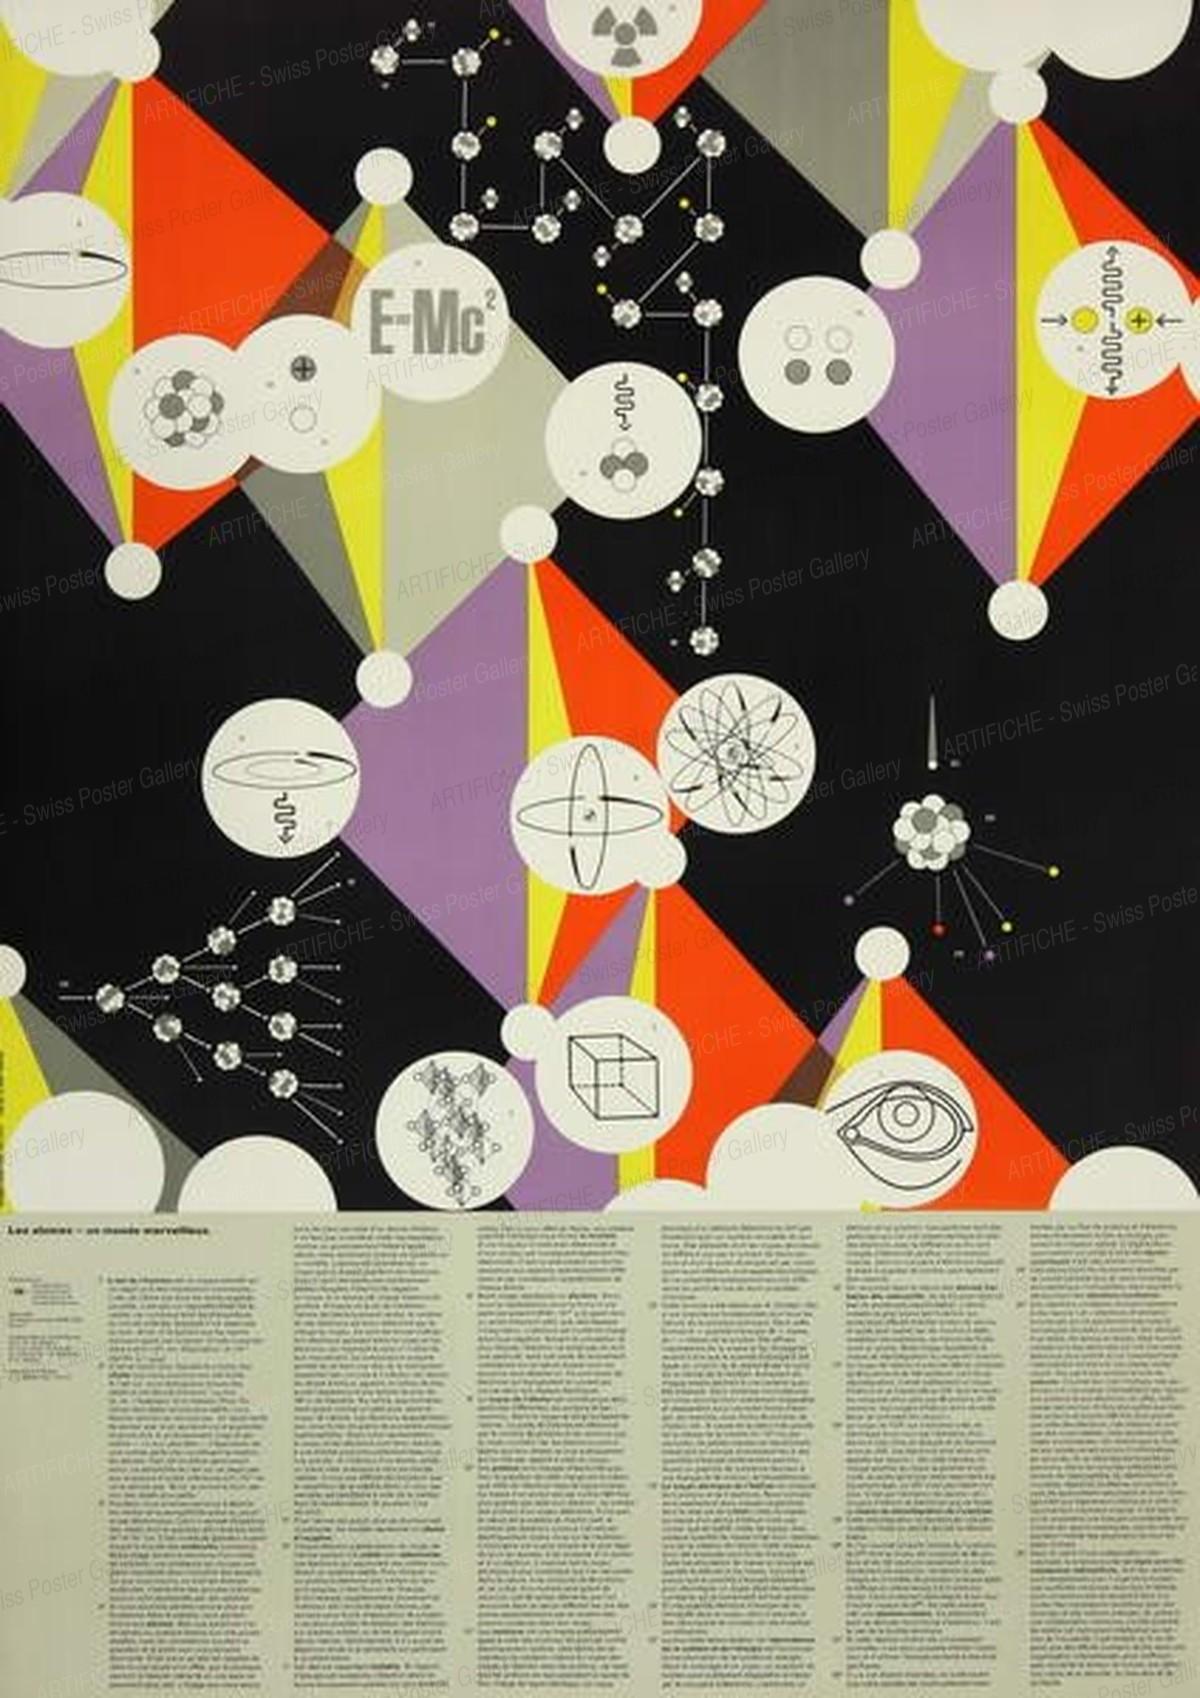 Les atomes – un monde merveilleux, Gottfried Honegger